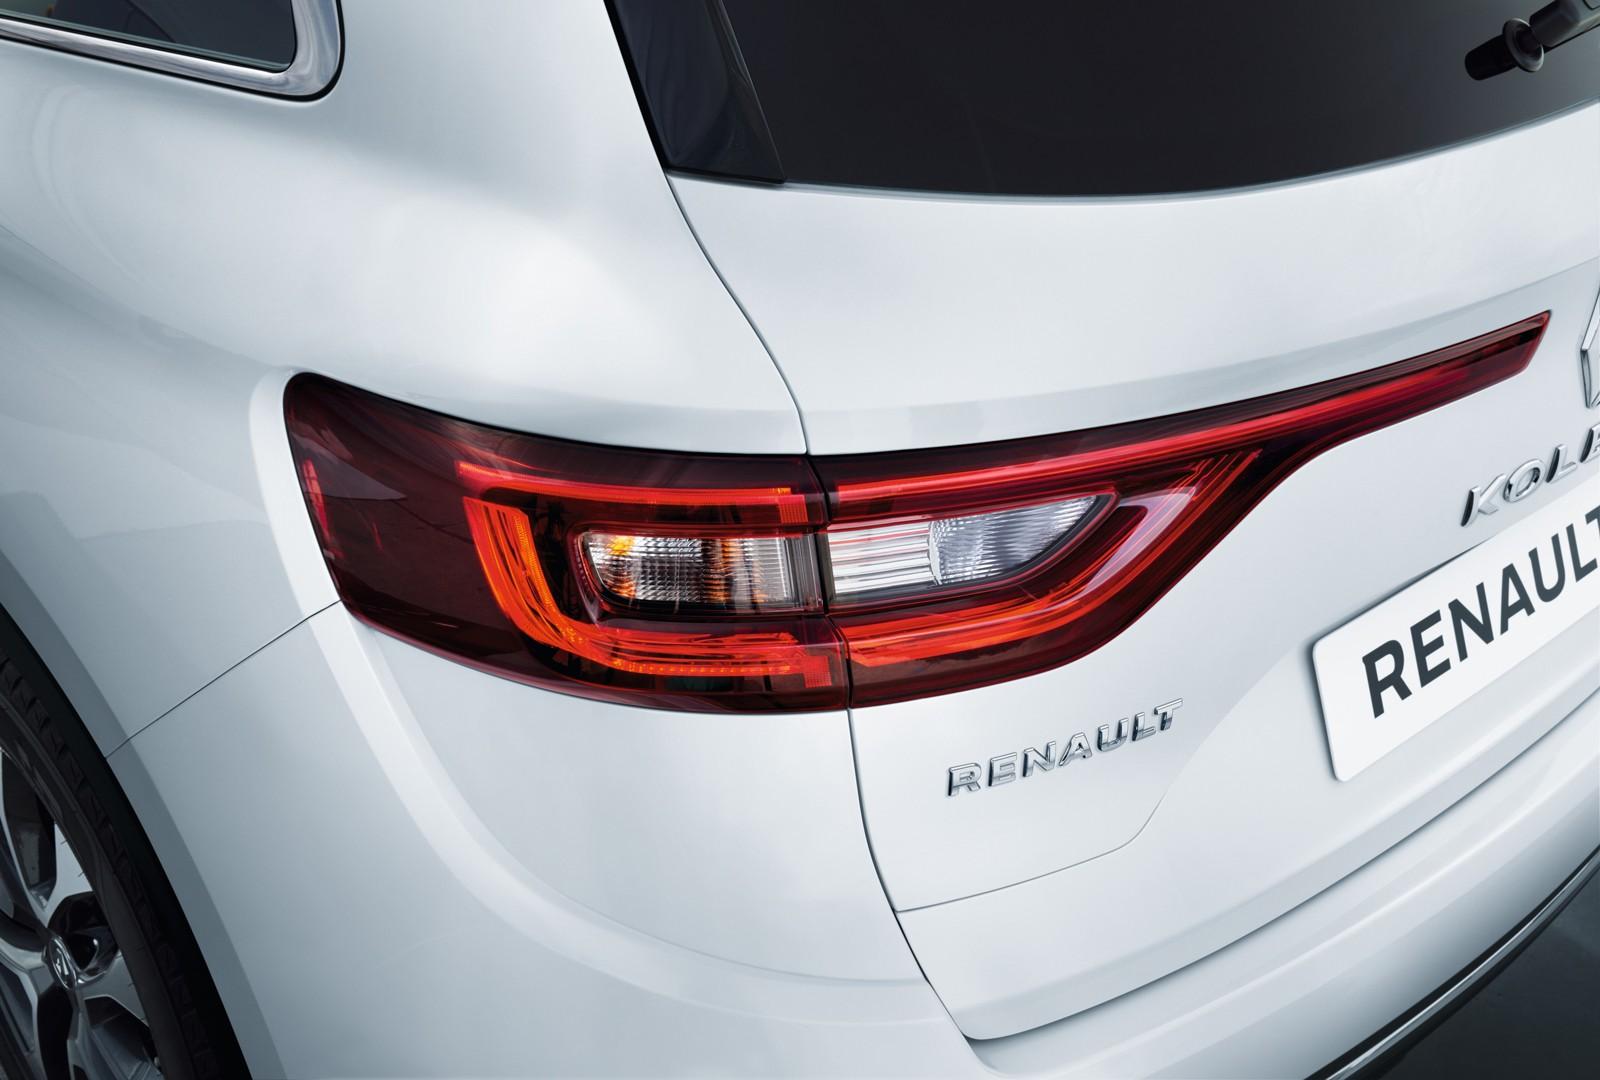 Renault_92297_ru_ru